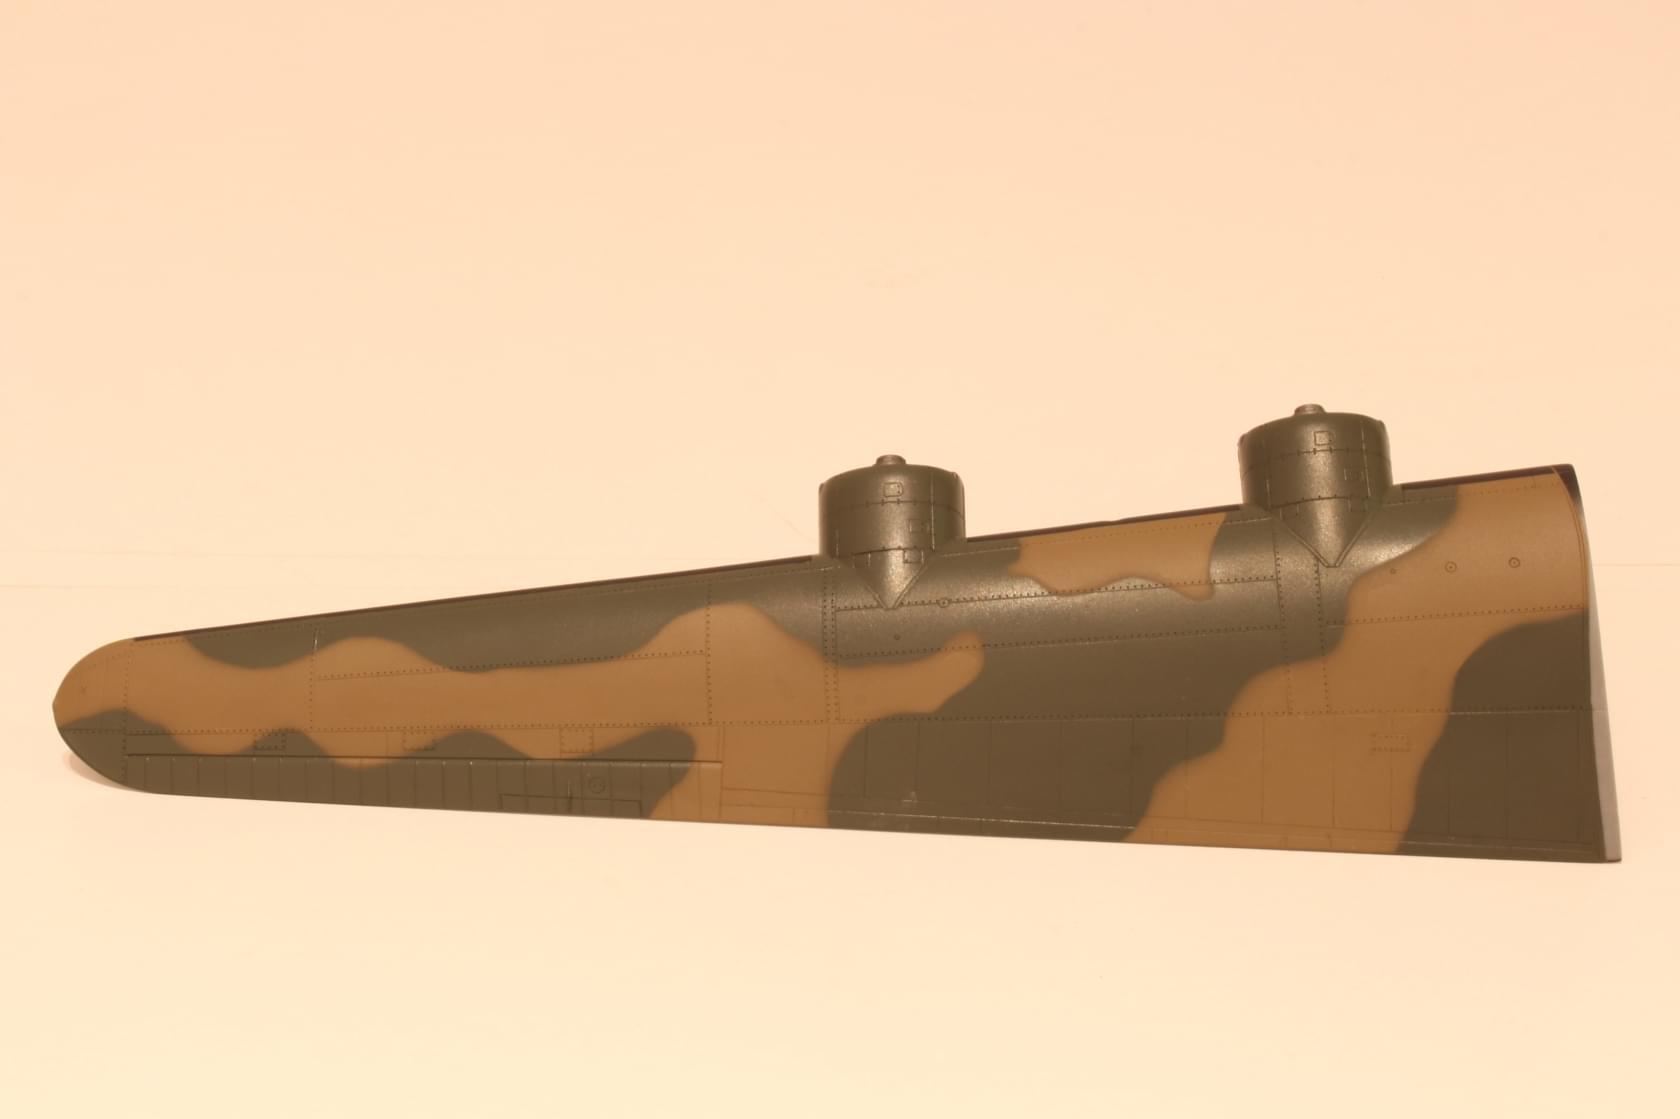 Liberator MK.VI - Hasegawa B-24J 1/72 4360f1000278dac3